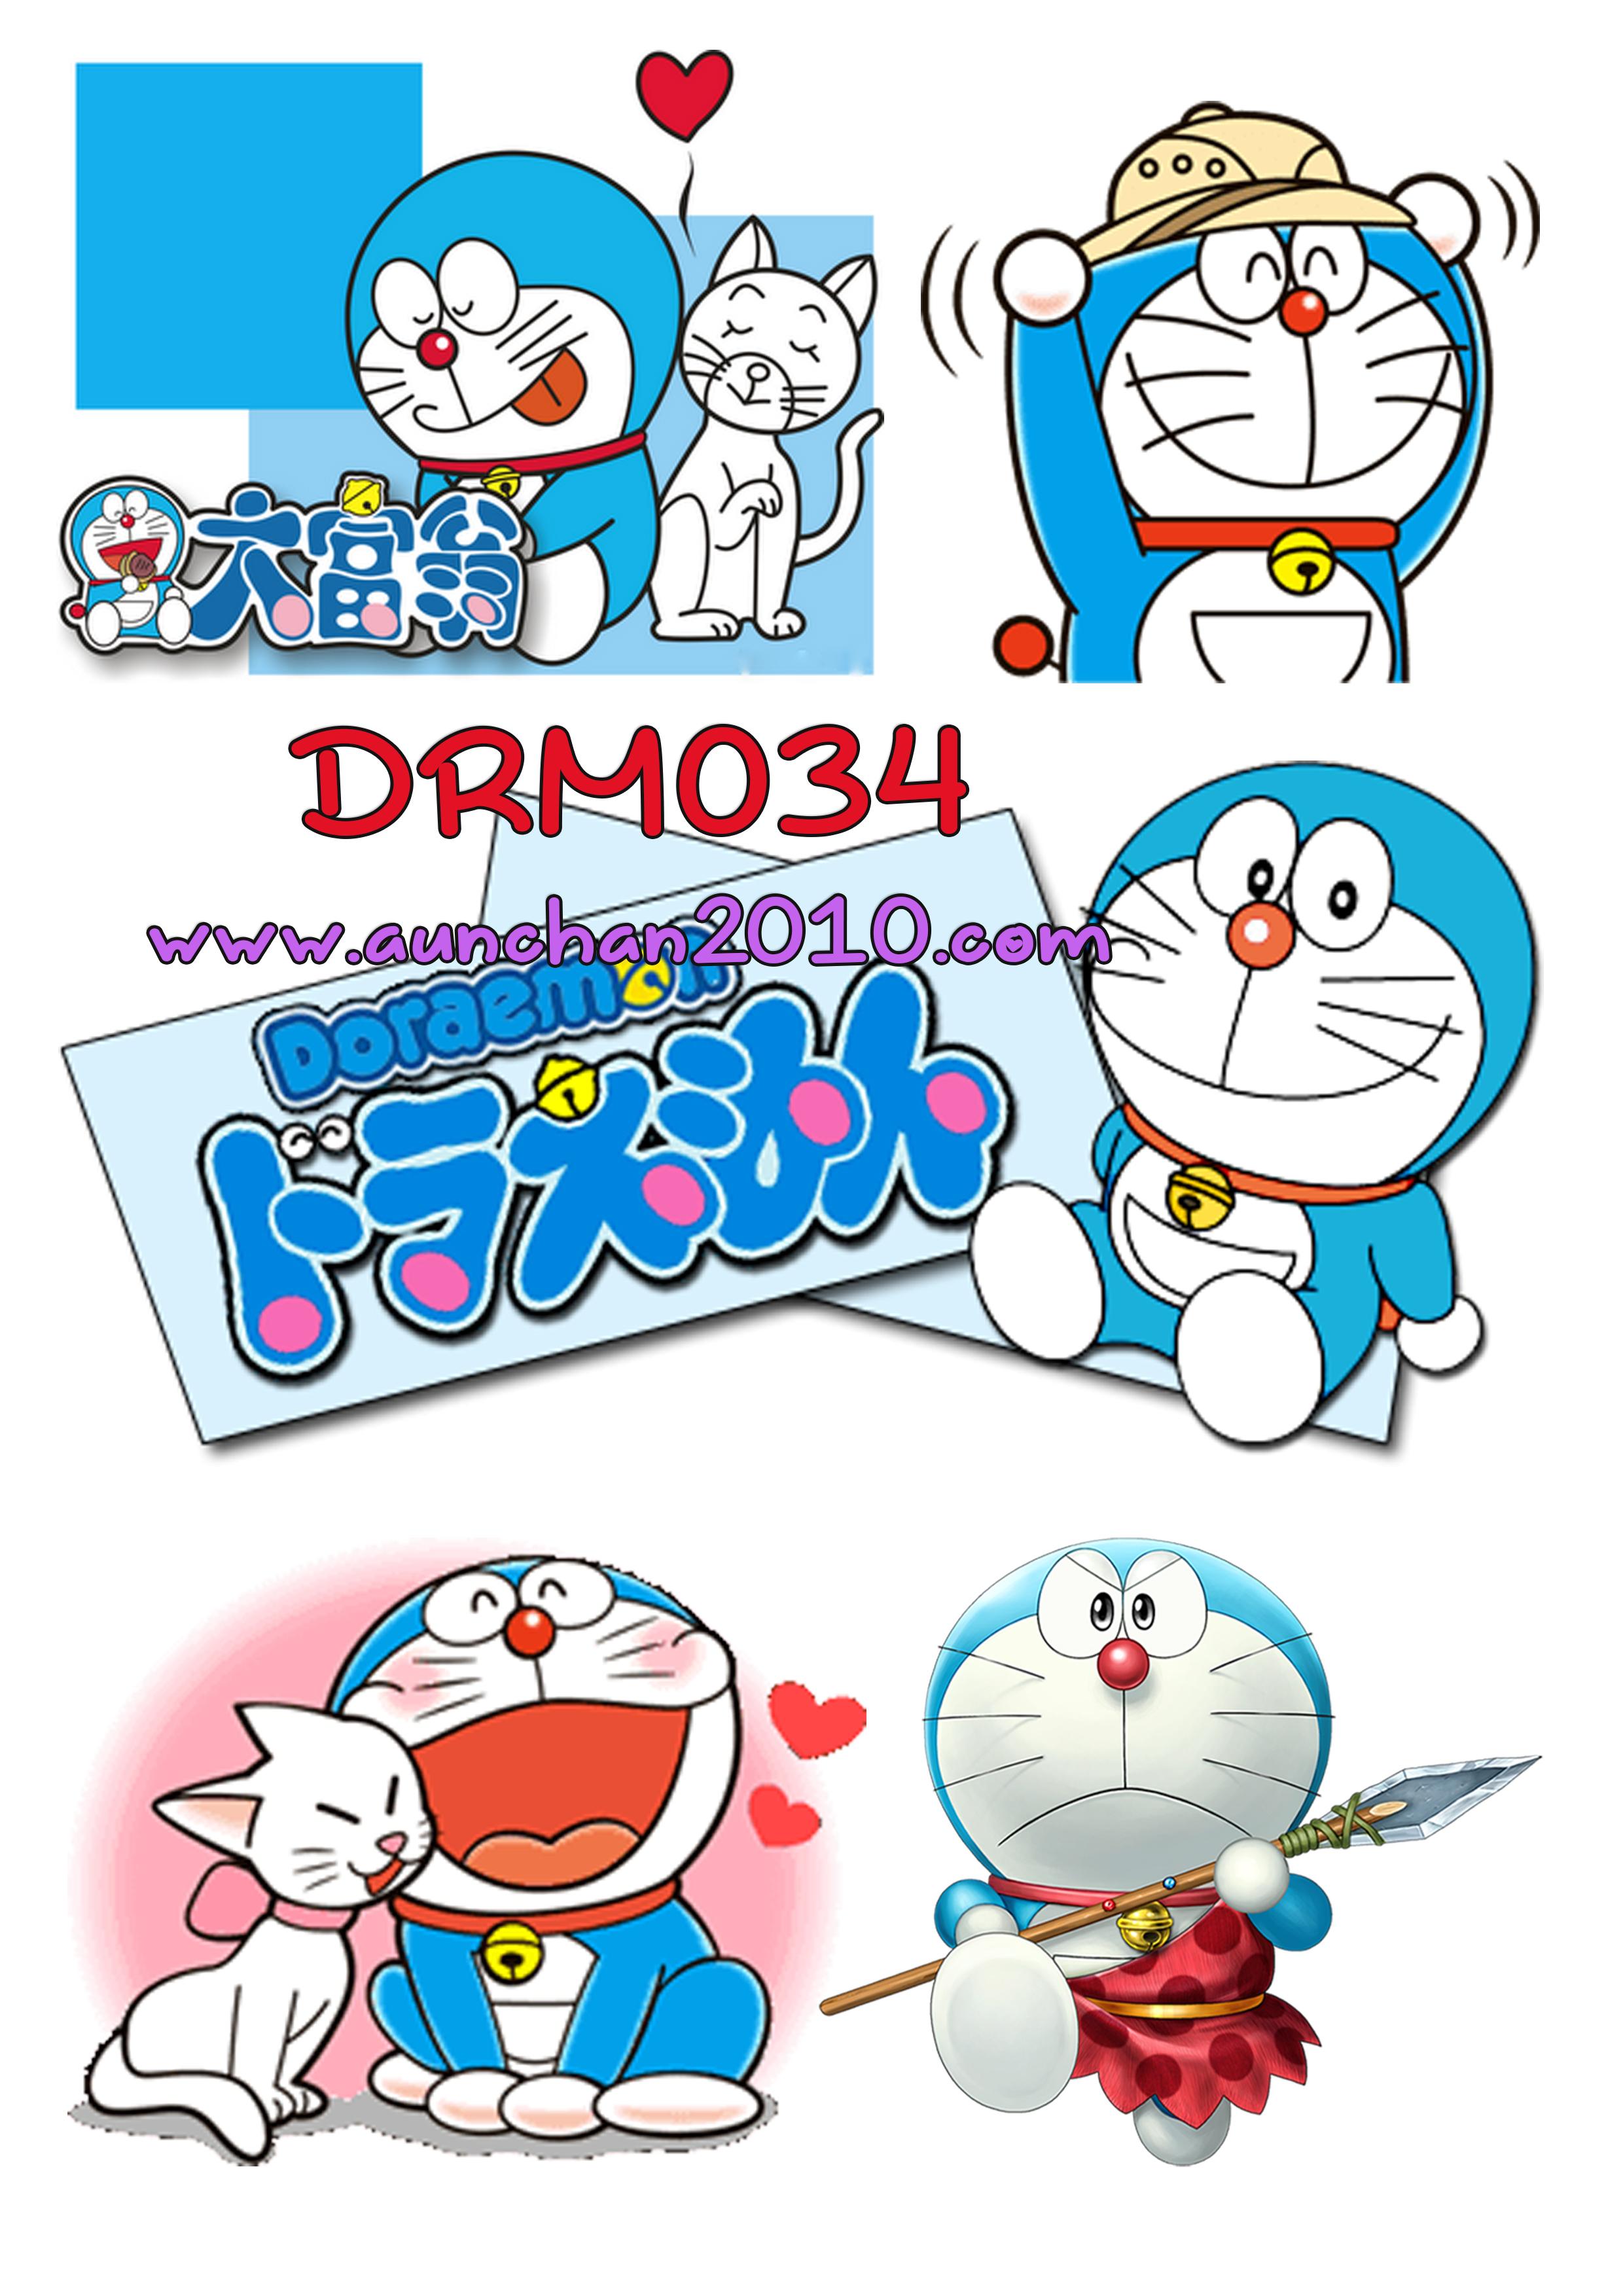 DRM034 กระดาษแนพกิ้น 21x30ซม. ลายโดราเอม่อน